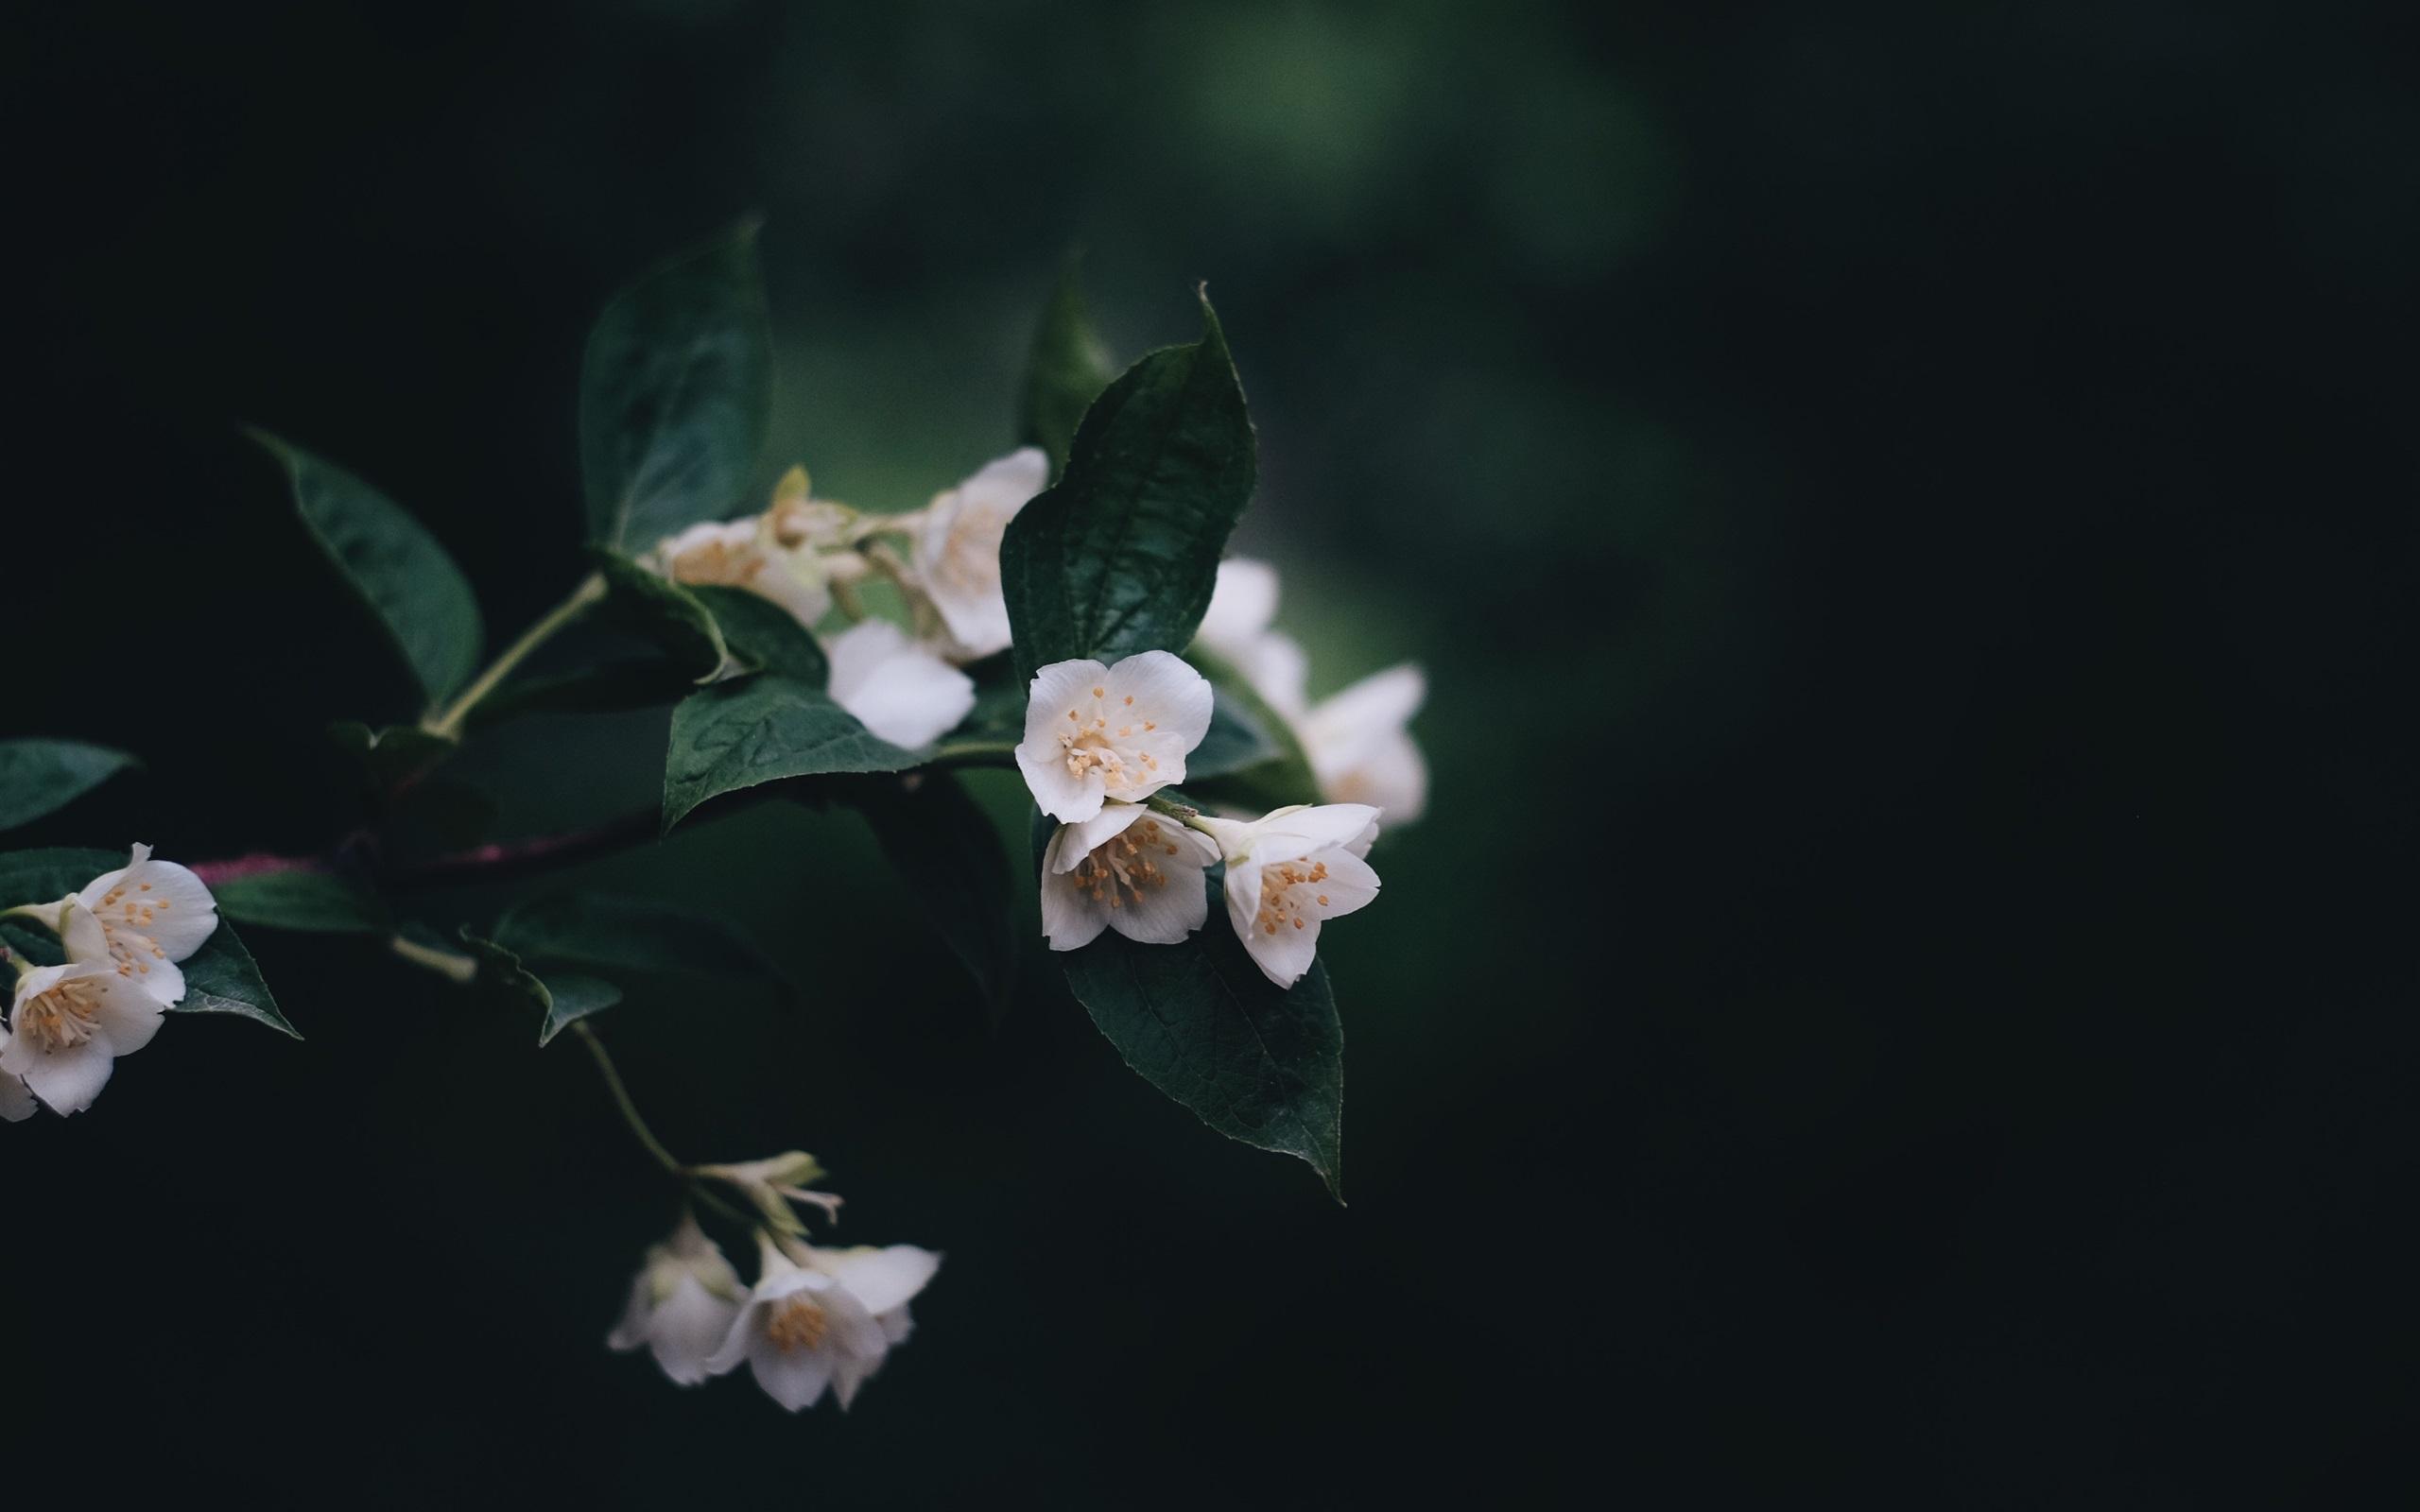 Fondo De Pantalla Flores Blancas En Fondo Rosa: Flores Blancas, Ramitas, Fondo Negro Fondos De Pantalla